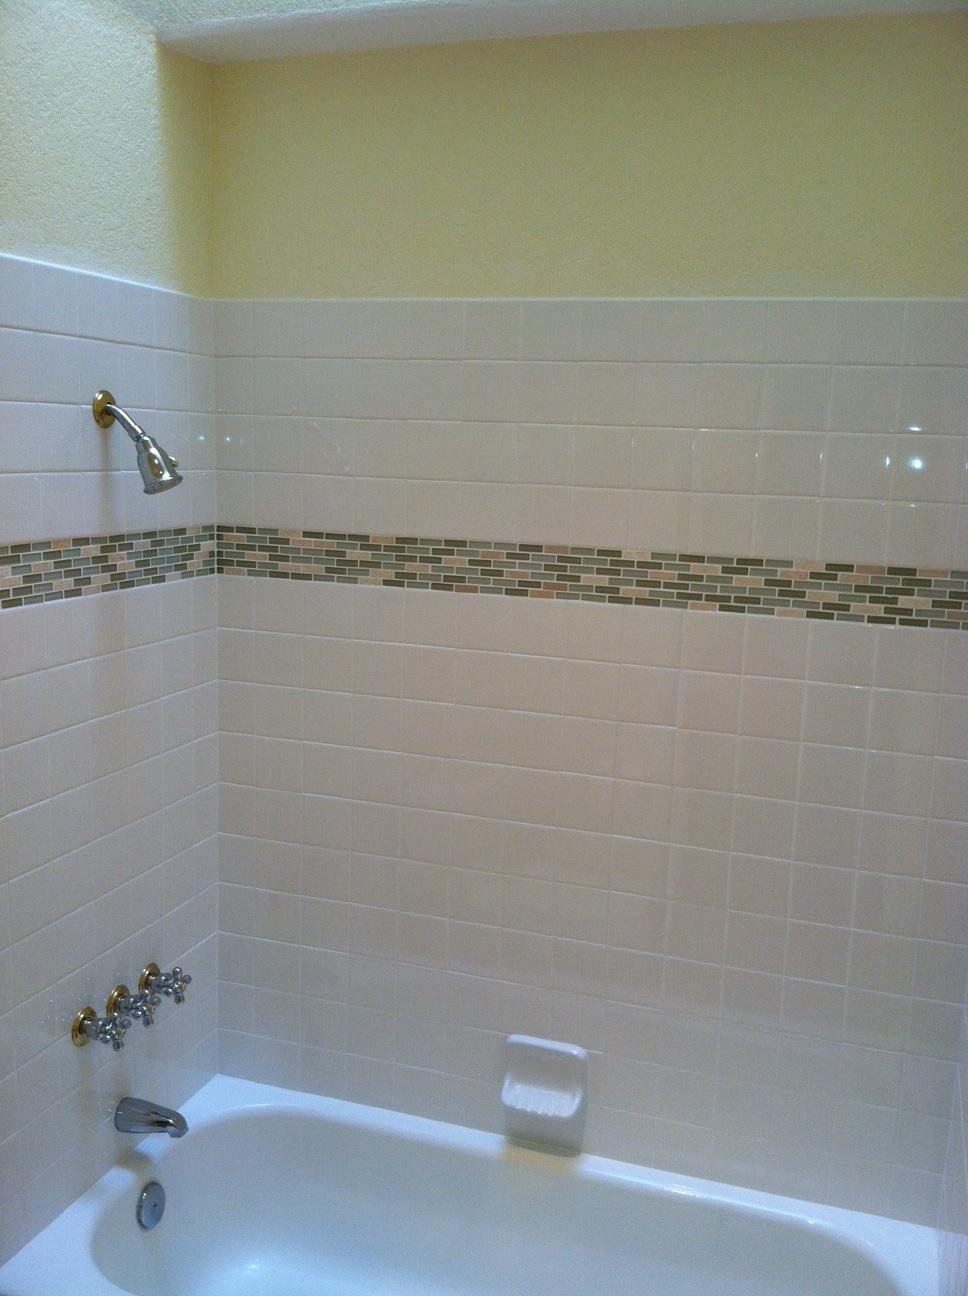 Temecula Tile Contractor Expert Waterproof Shower